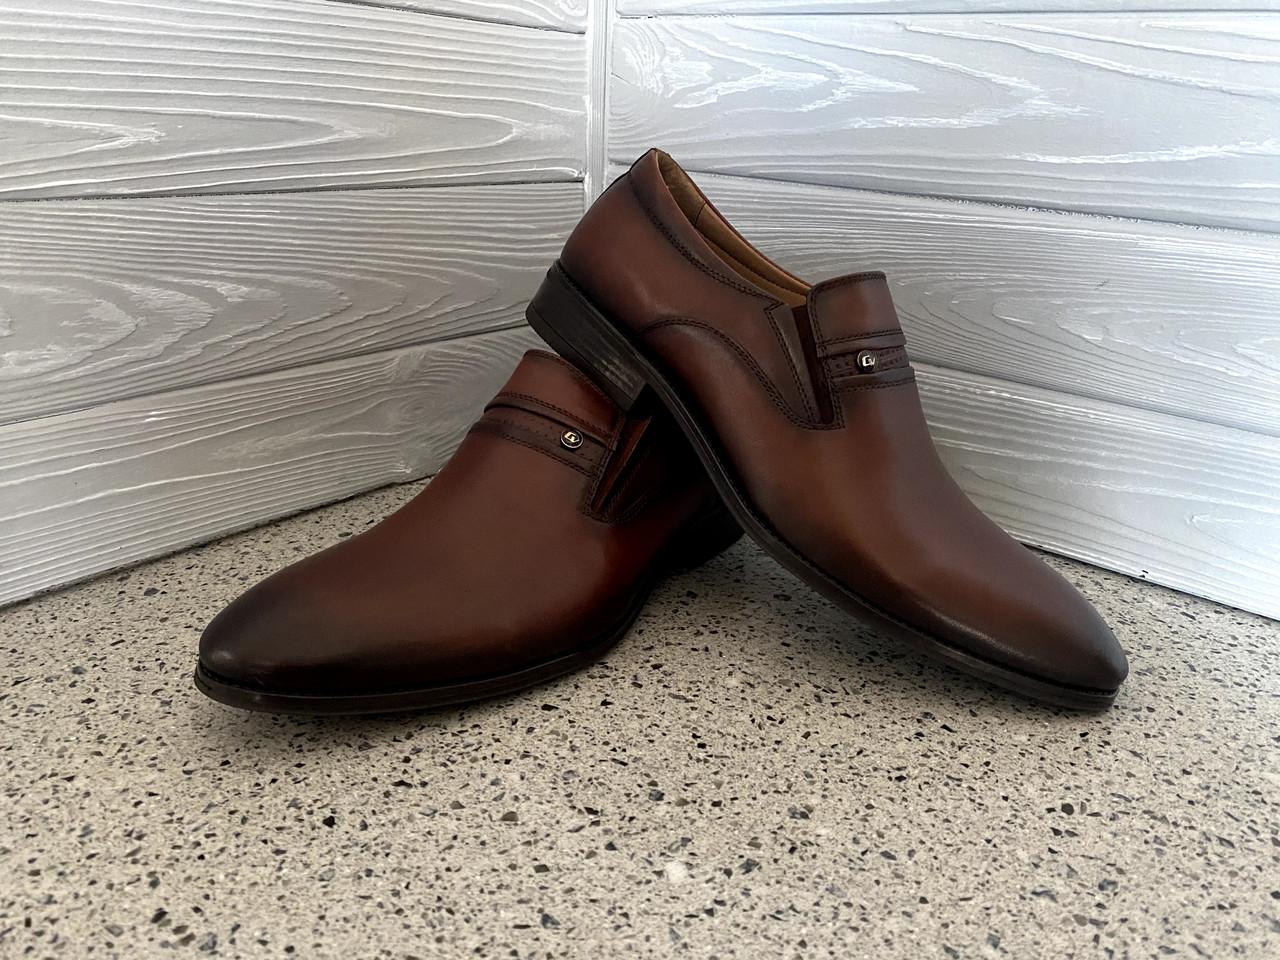 Мужские кожаные туфли CEVIVO Коричневые, подъем регулируеться